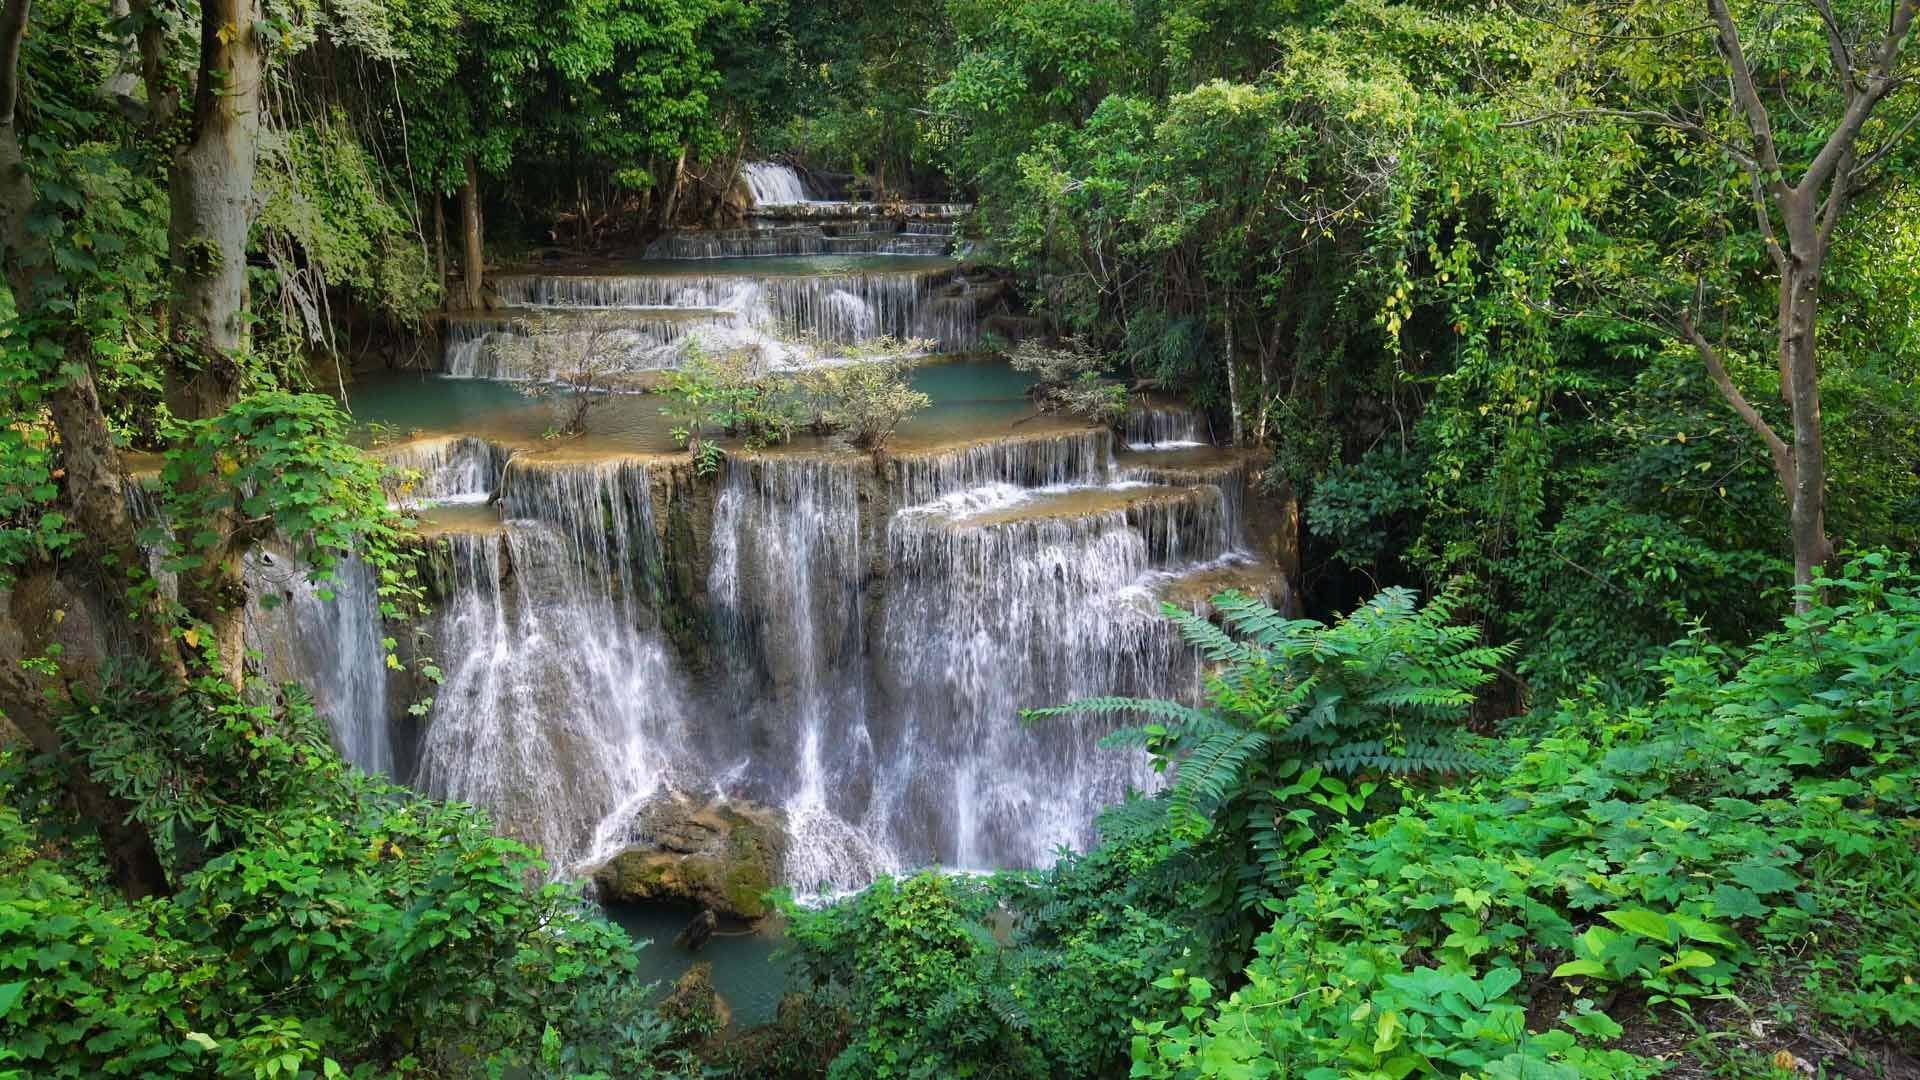 Khuean Srinagarindra国家公园的Huay Mae Khamin瀑布Huay-Mae Khamin瀑布